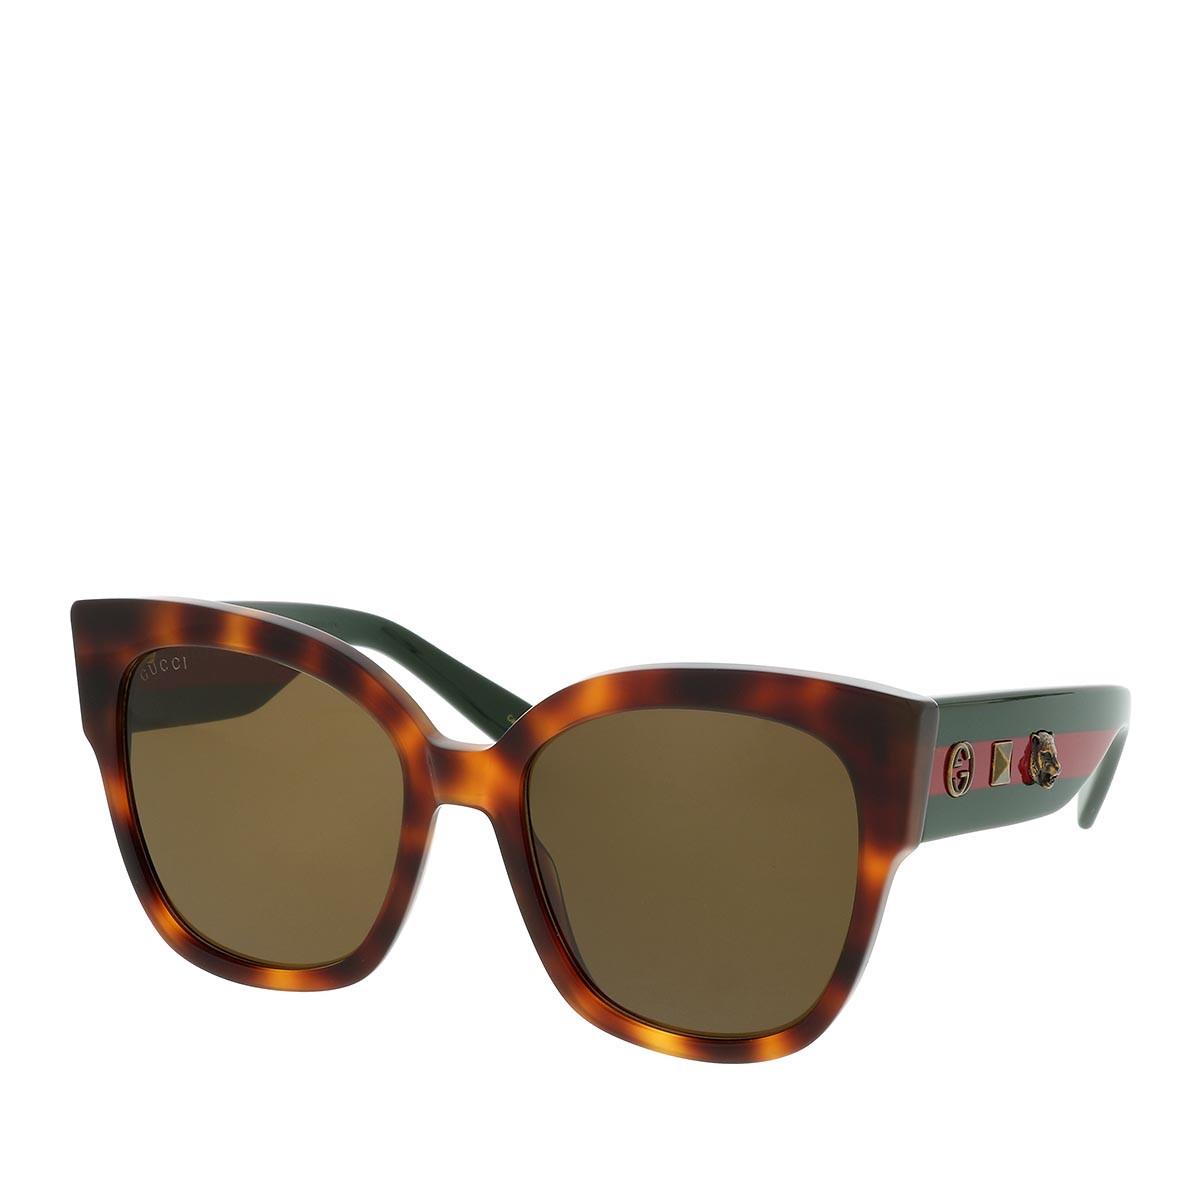 Gucci Sonnenbrille - GG0059S 55 002 - in braun - für Damen